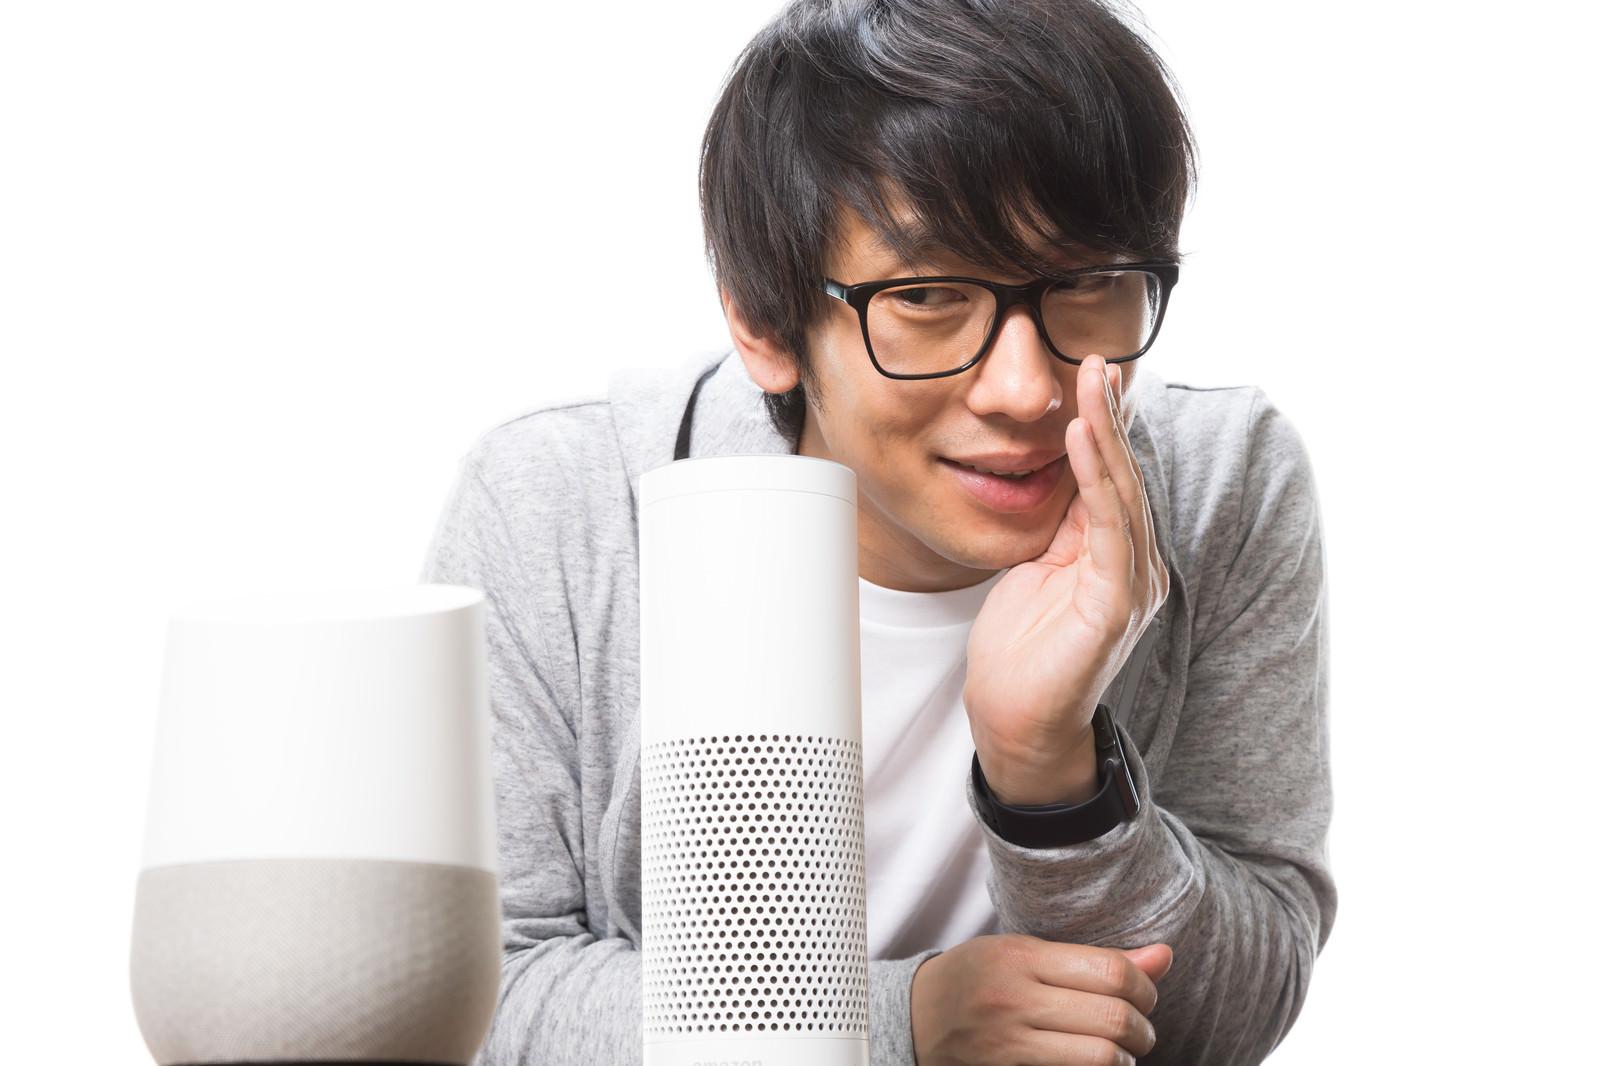 「スマートスピーカーに声をかけるメガネ男子」の写真